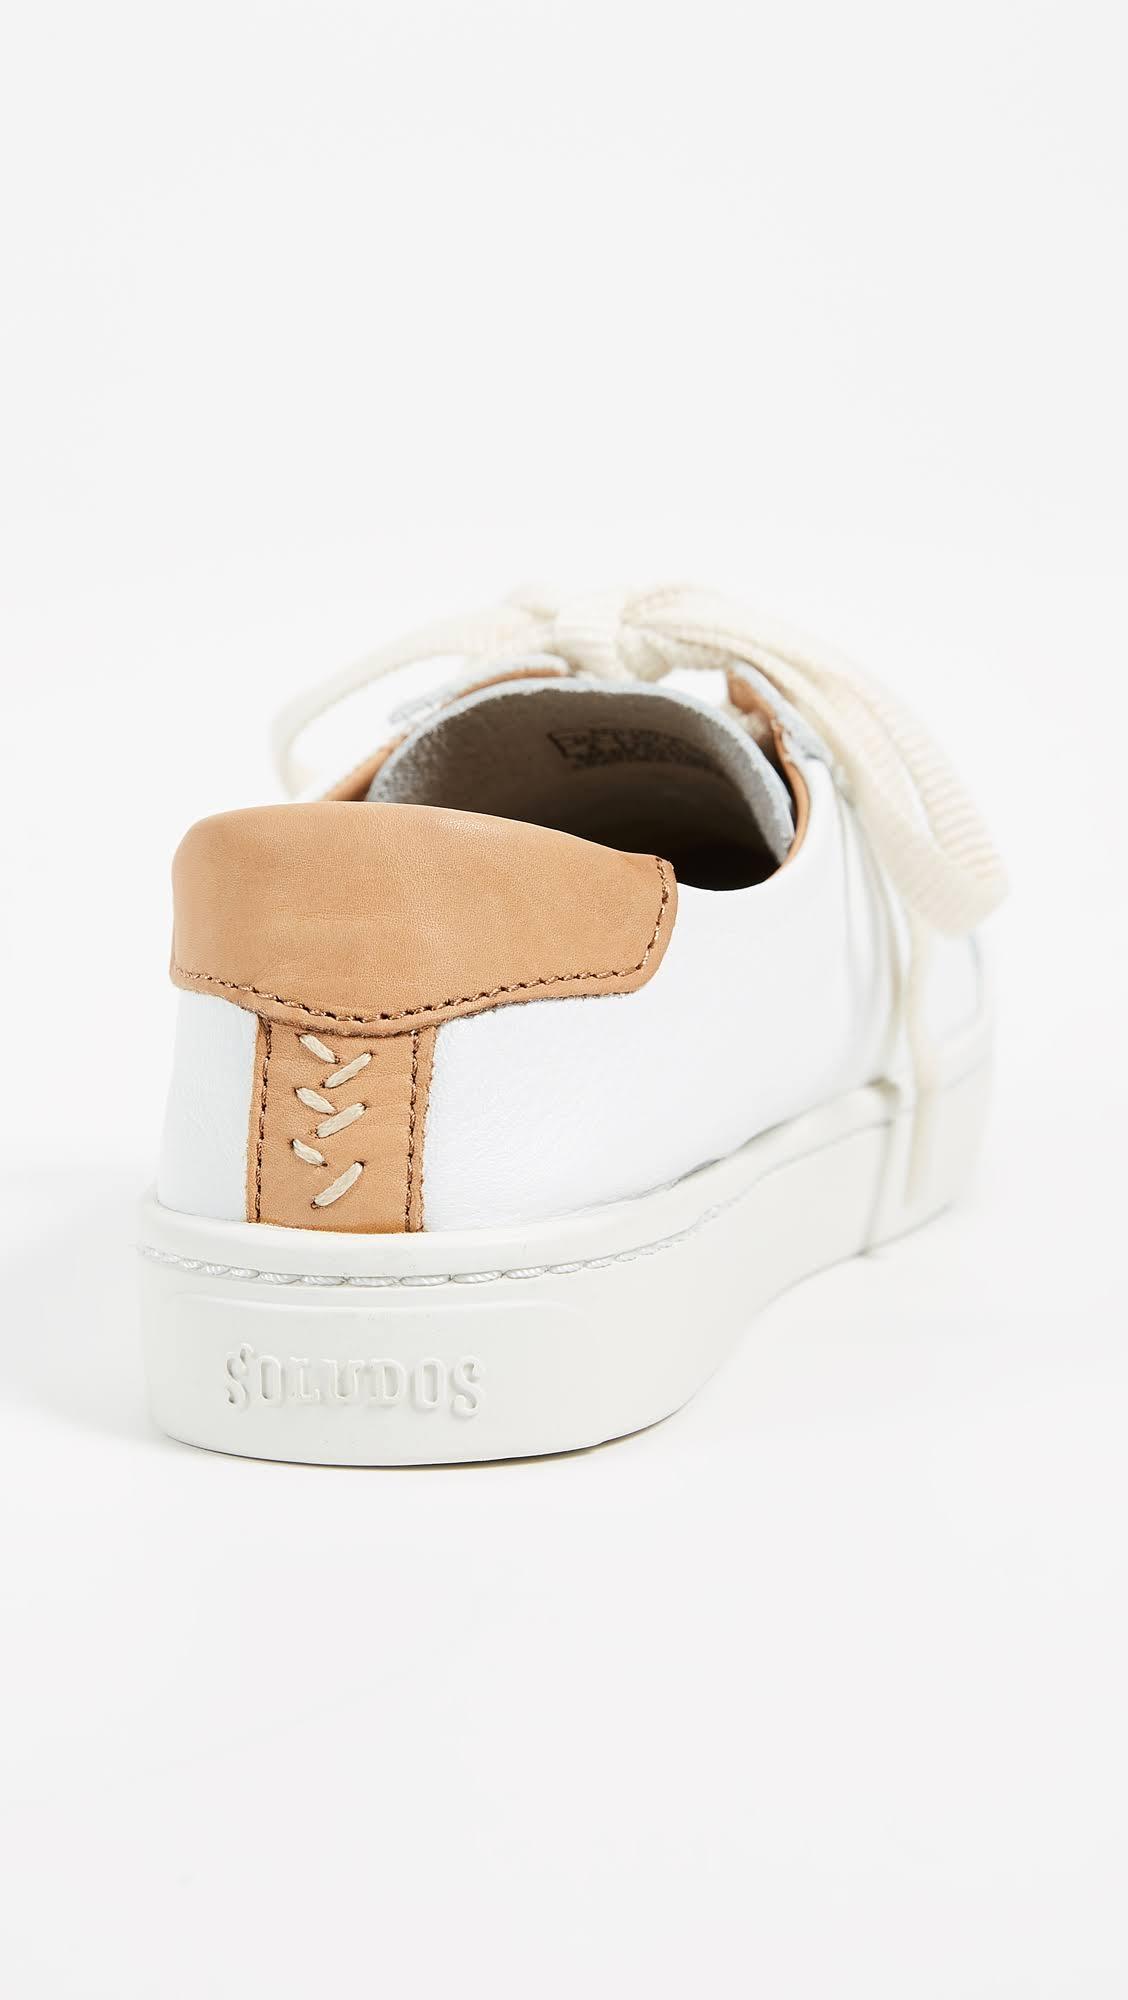 5 5 Sneakers Stringate Ibiza Bianche Classic Soludos 0nOXwk8P